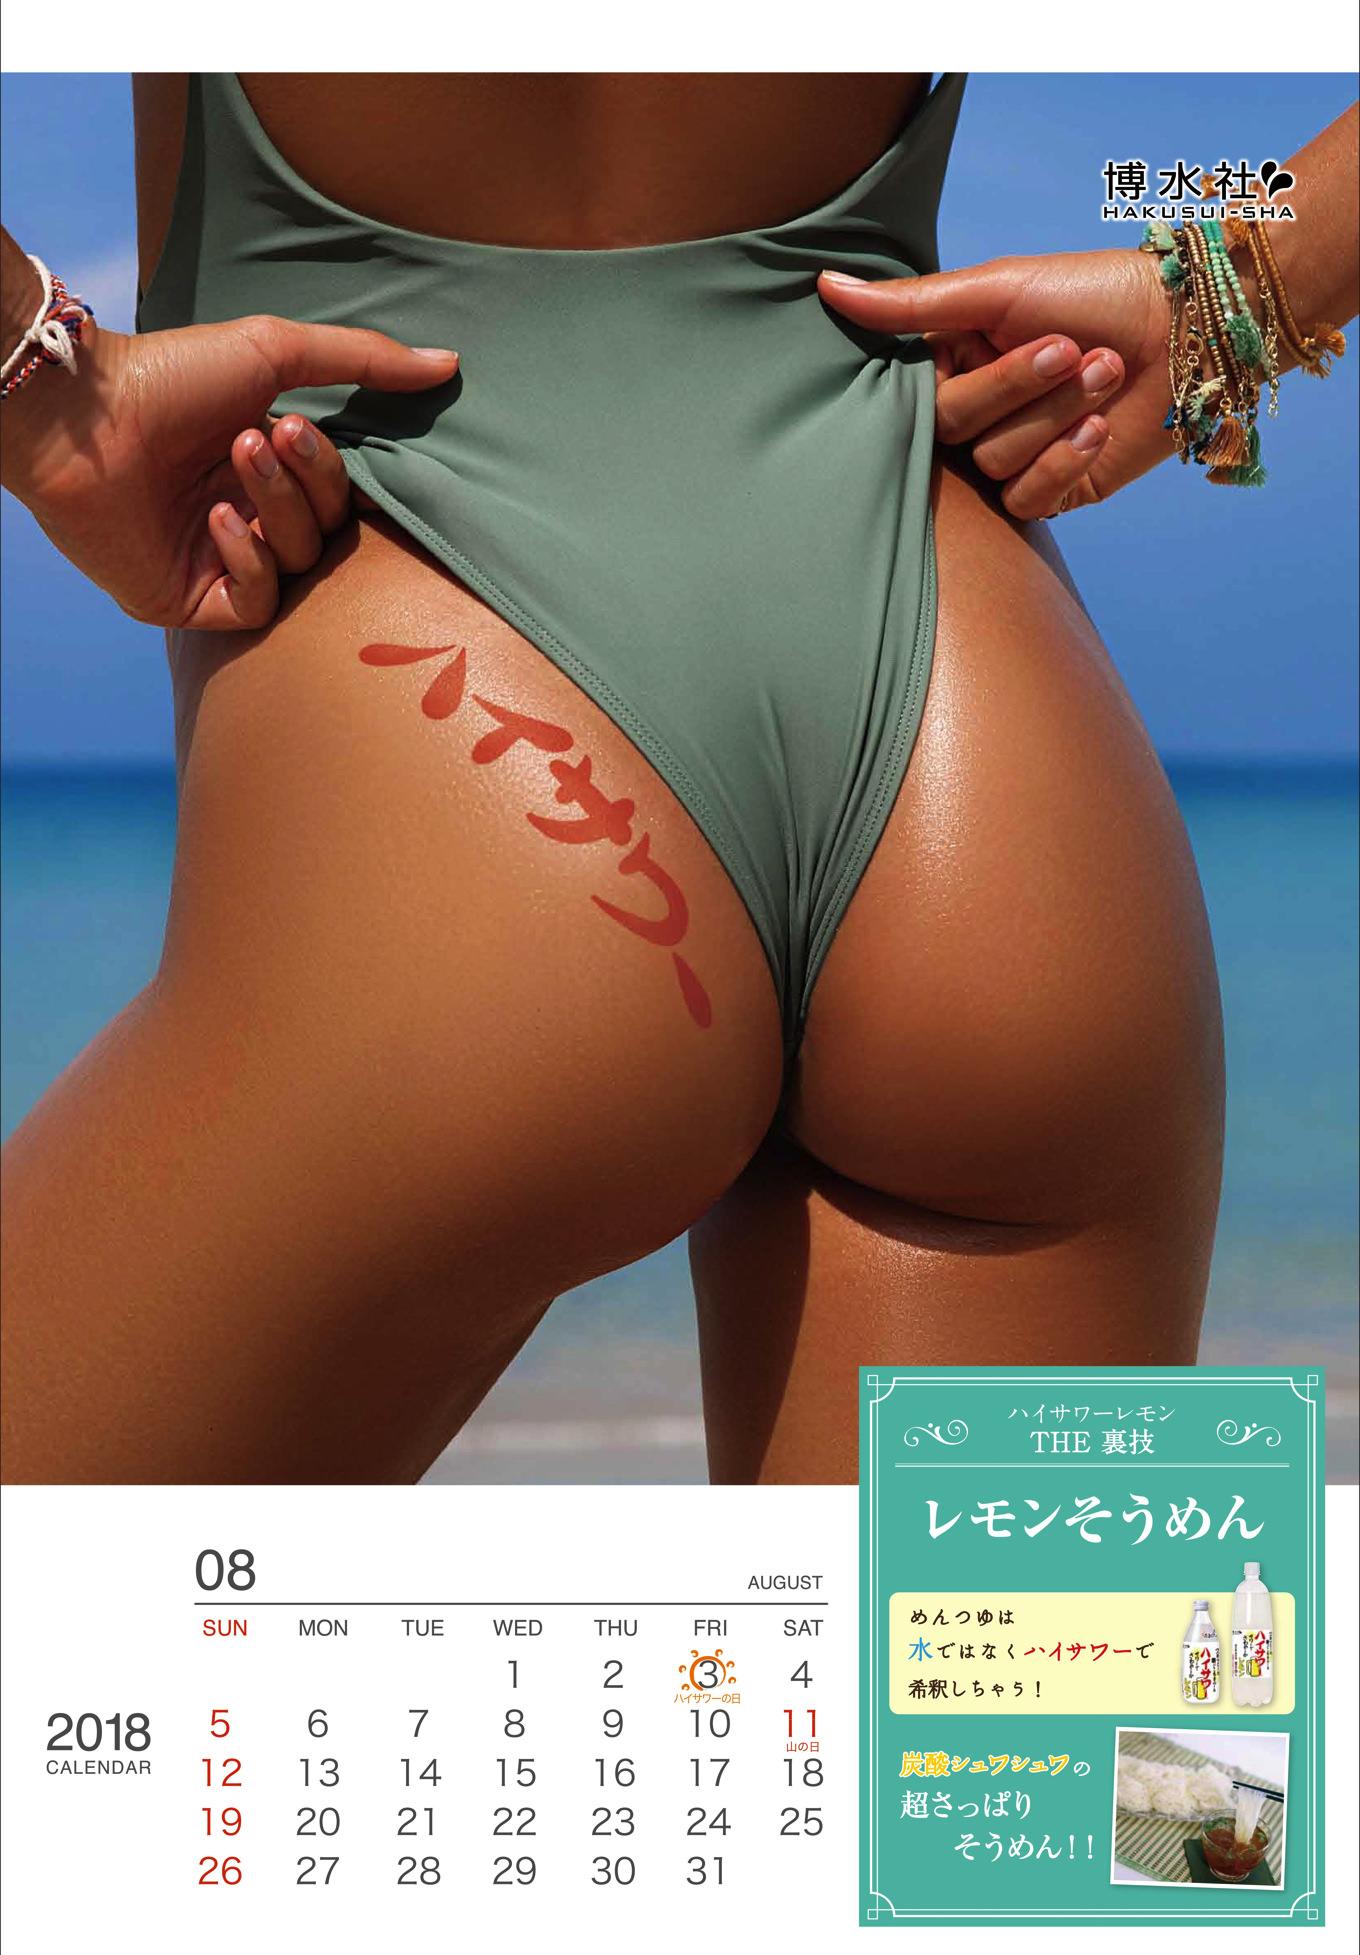 【8月】美尻カレンダー2018_13枚版